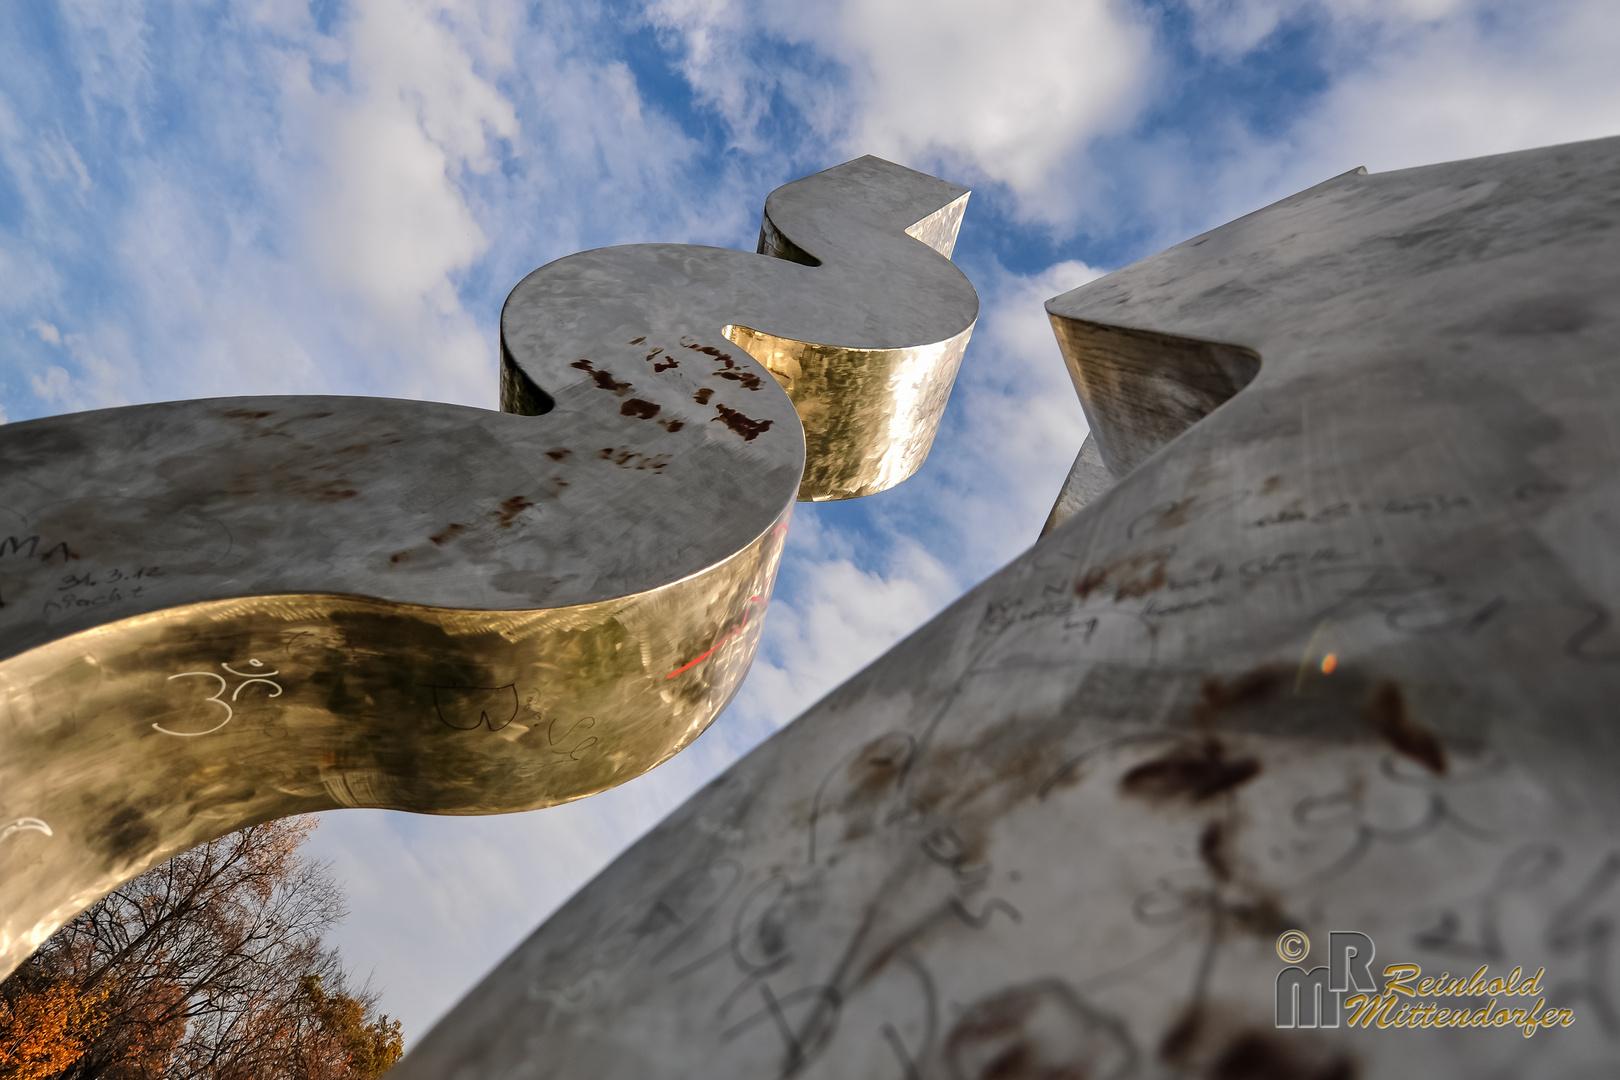 Skulptur im Donaupark-Linz 01